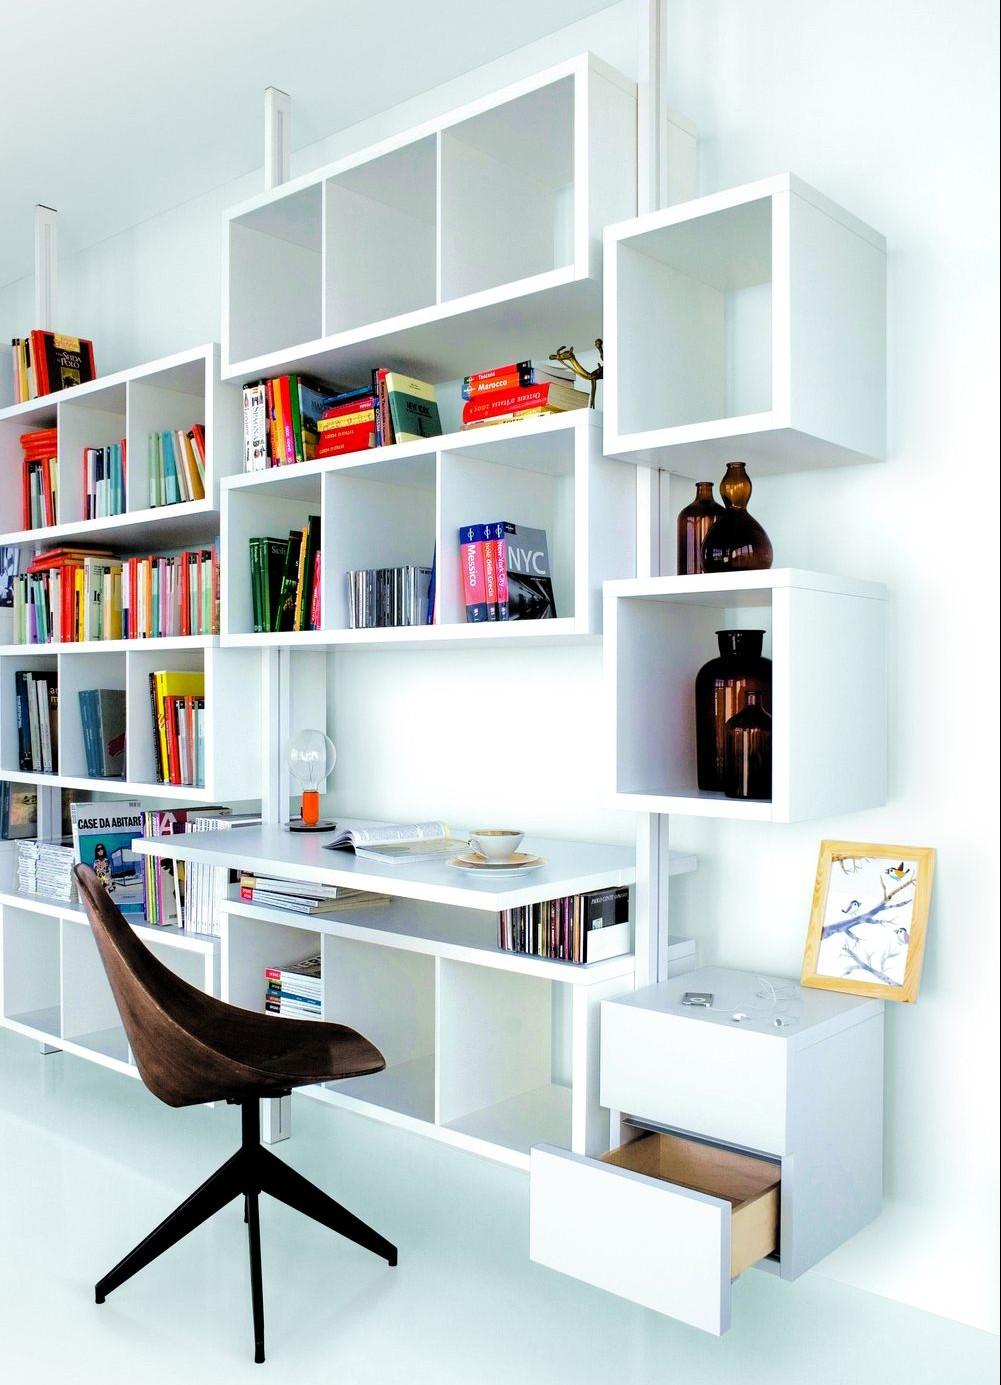 libreria-extendo-lacado-diseño-abierto-perfiles-metalicos-mesa-escritorio